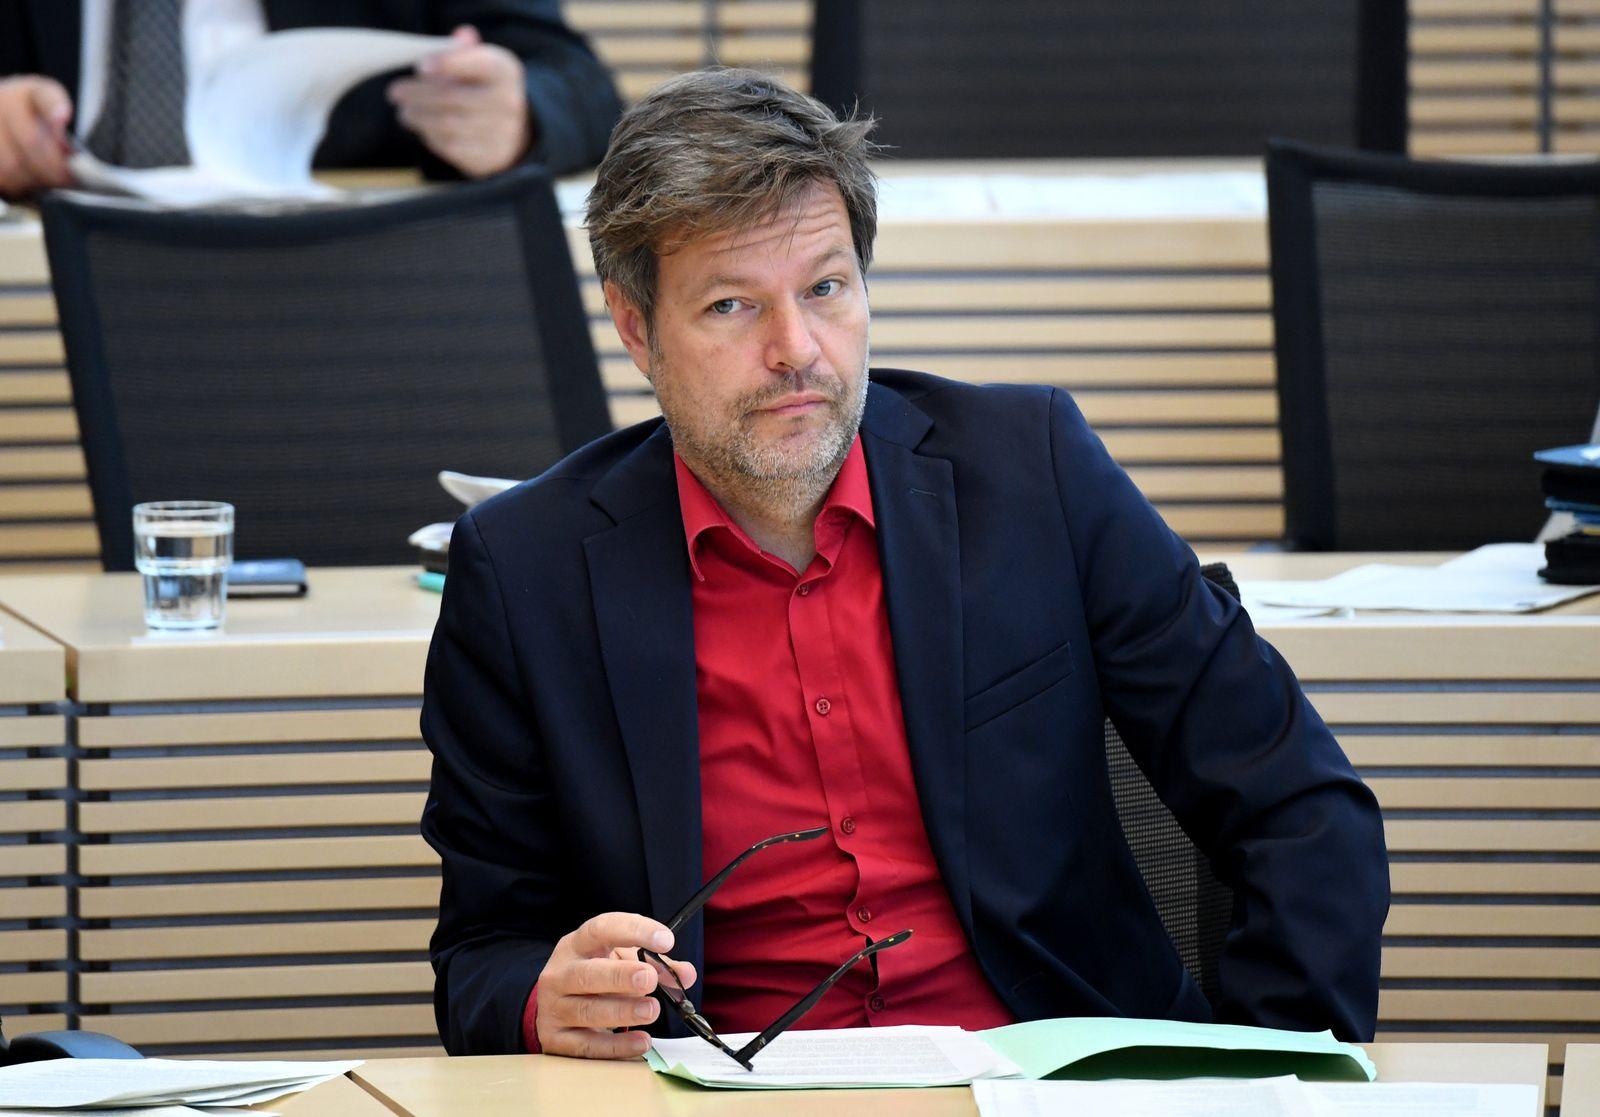 Habeck bei Landtagssitzung in Kiel